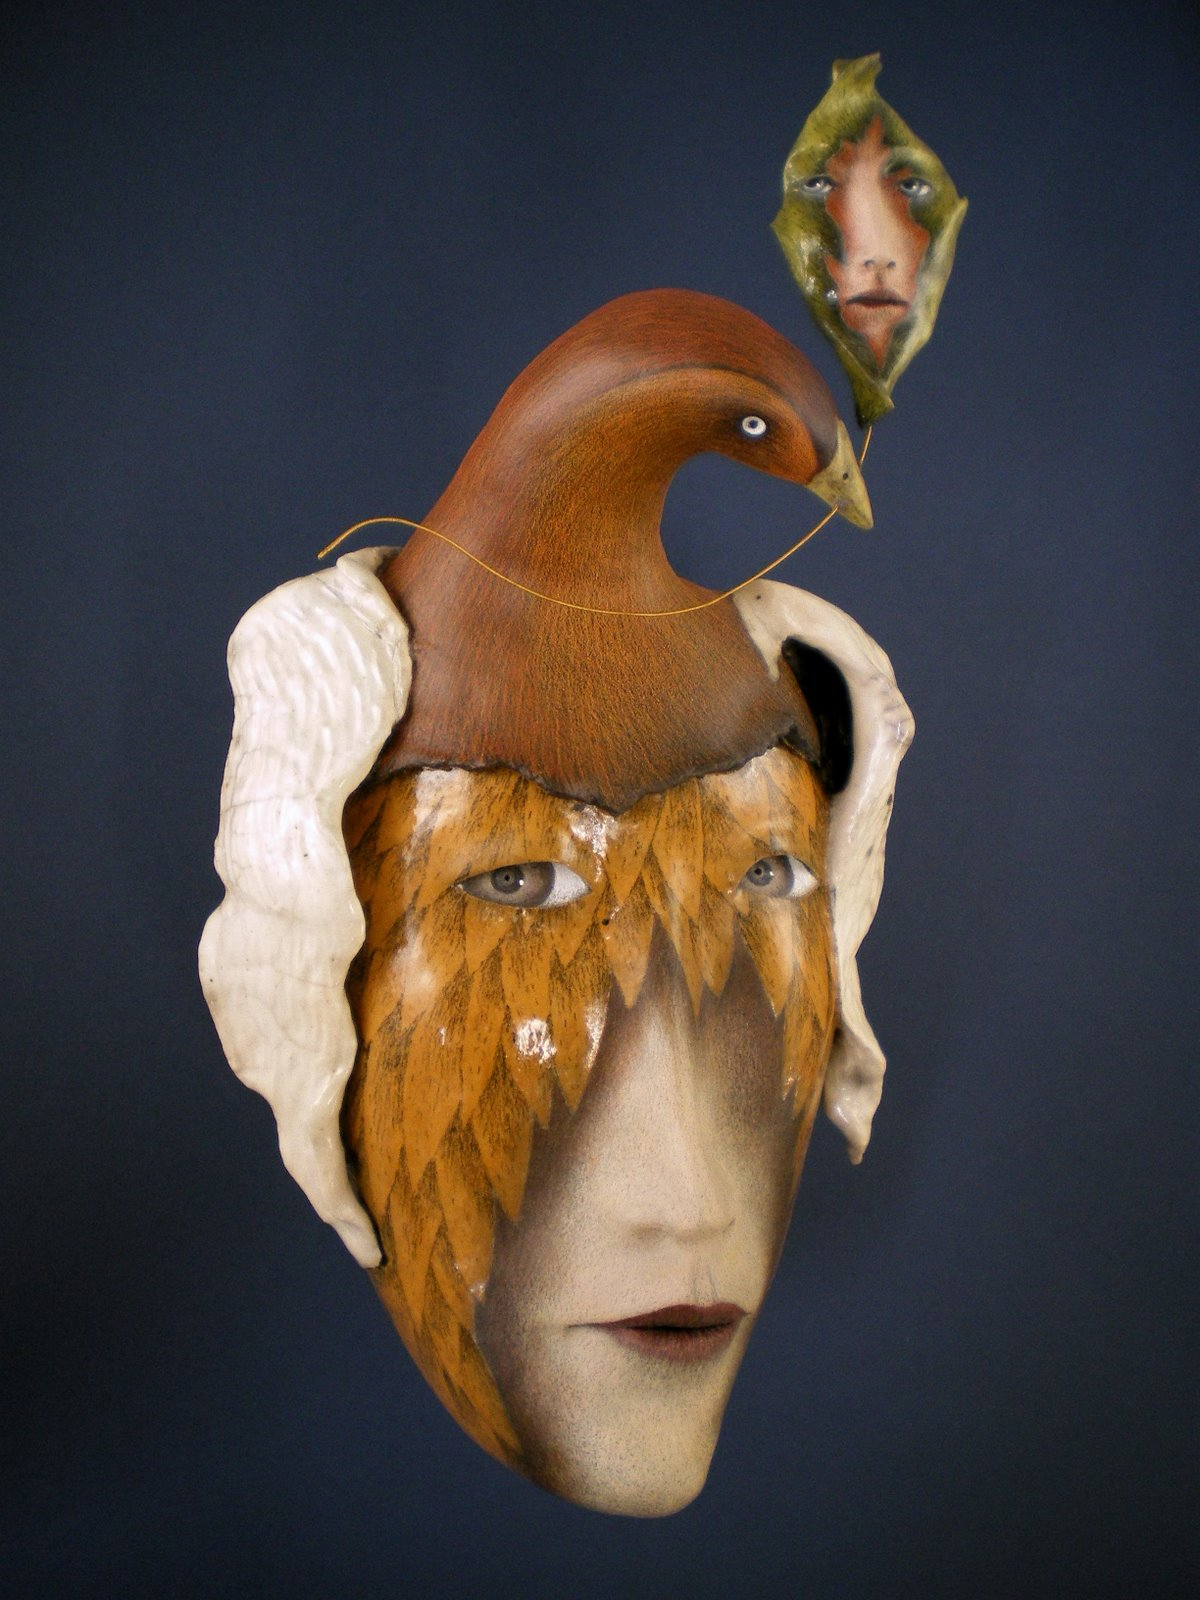 [Birdgirl]